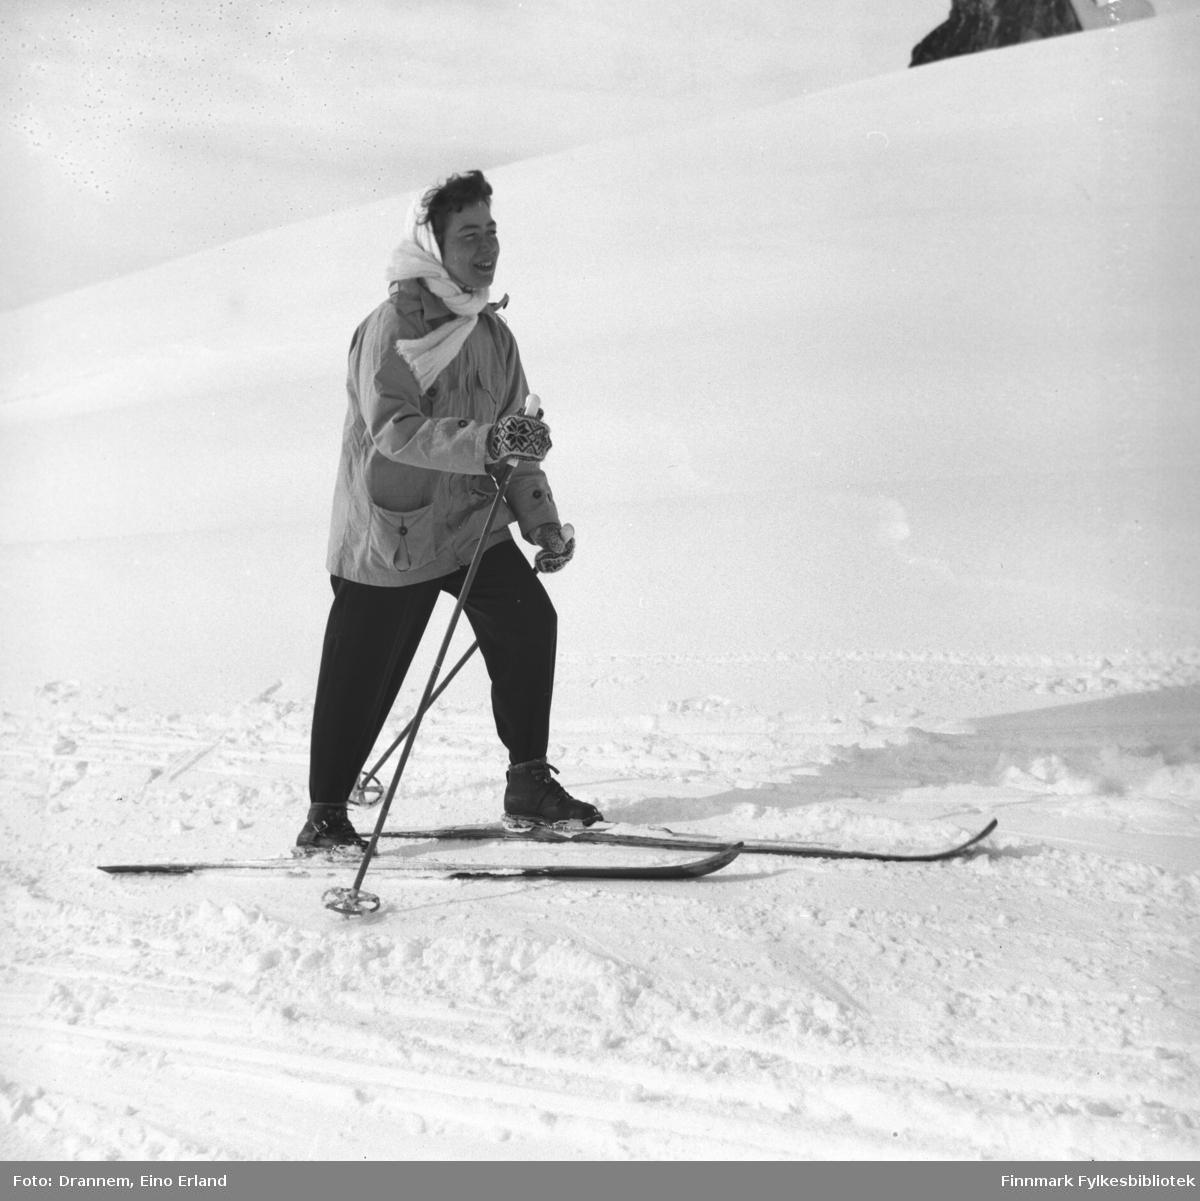 Påsketid. Jenny Drannem på ski